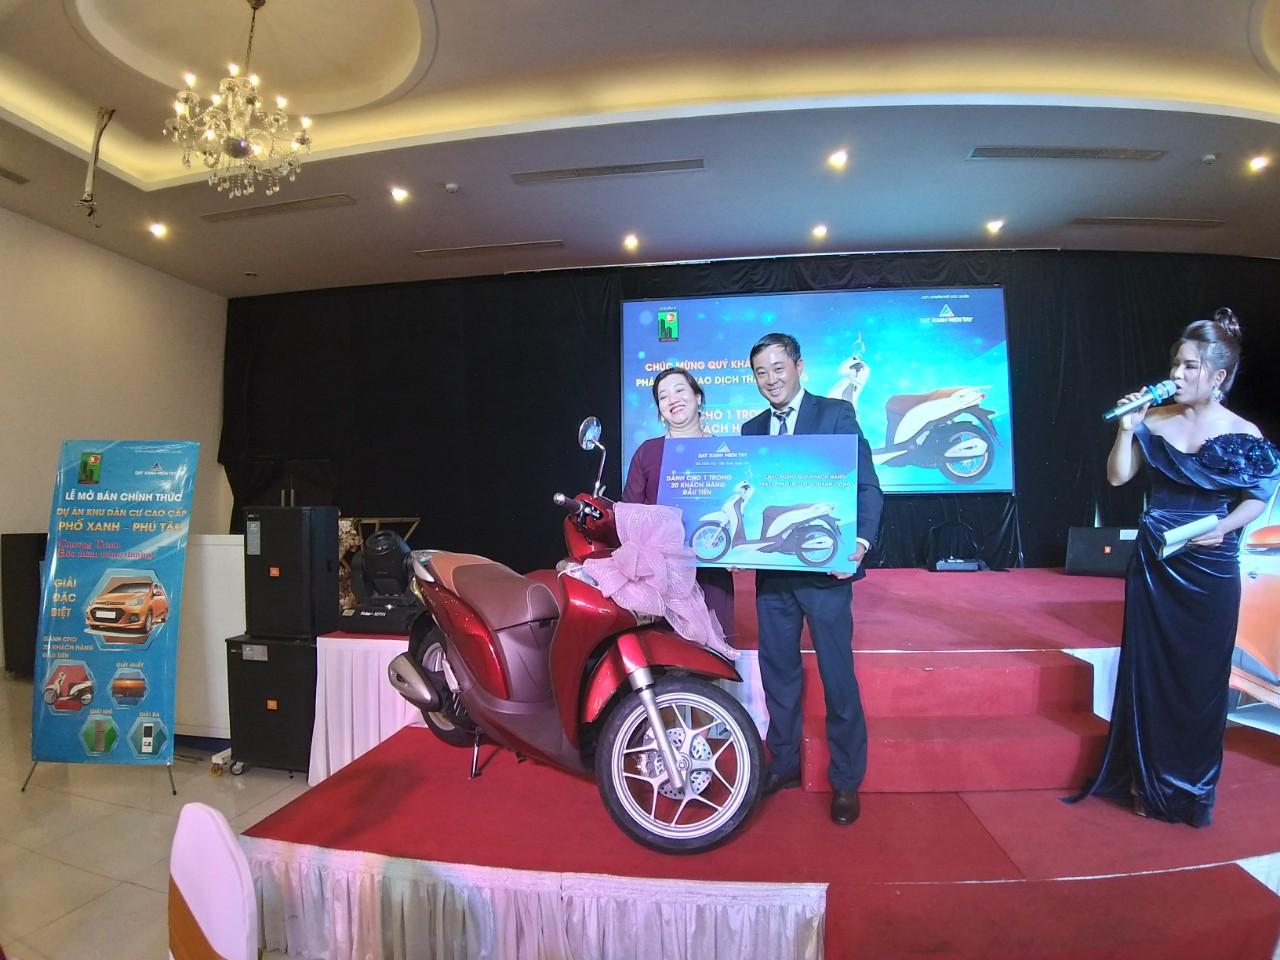 Đại diện chủ đầu tư dự án Phố Xanh trao giải thưởng đặc biệt - Chiếc SH Mode 2020 đến KH may mắn của sự kiện.